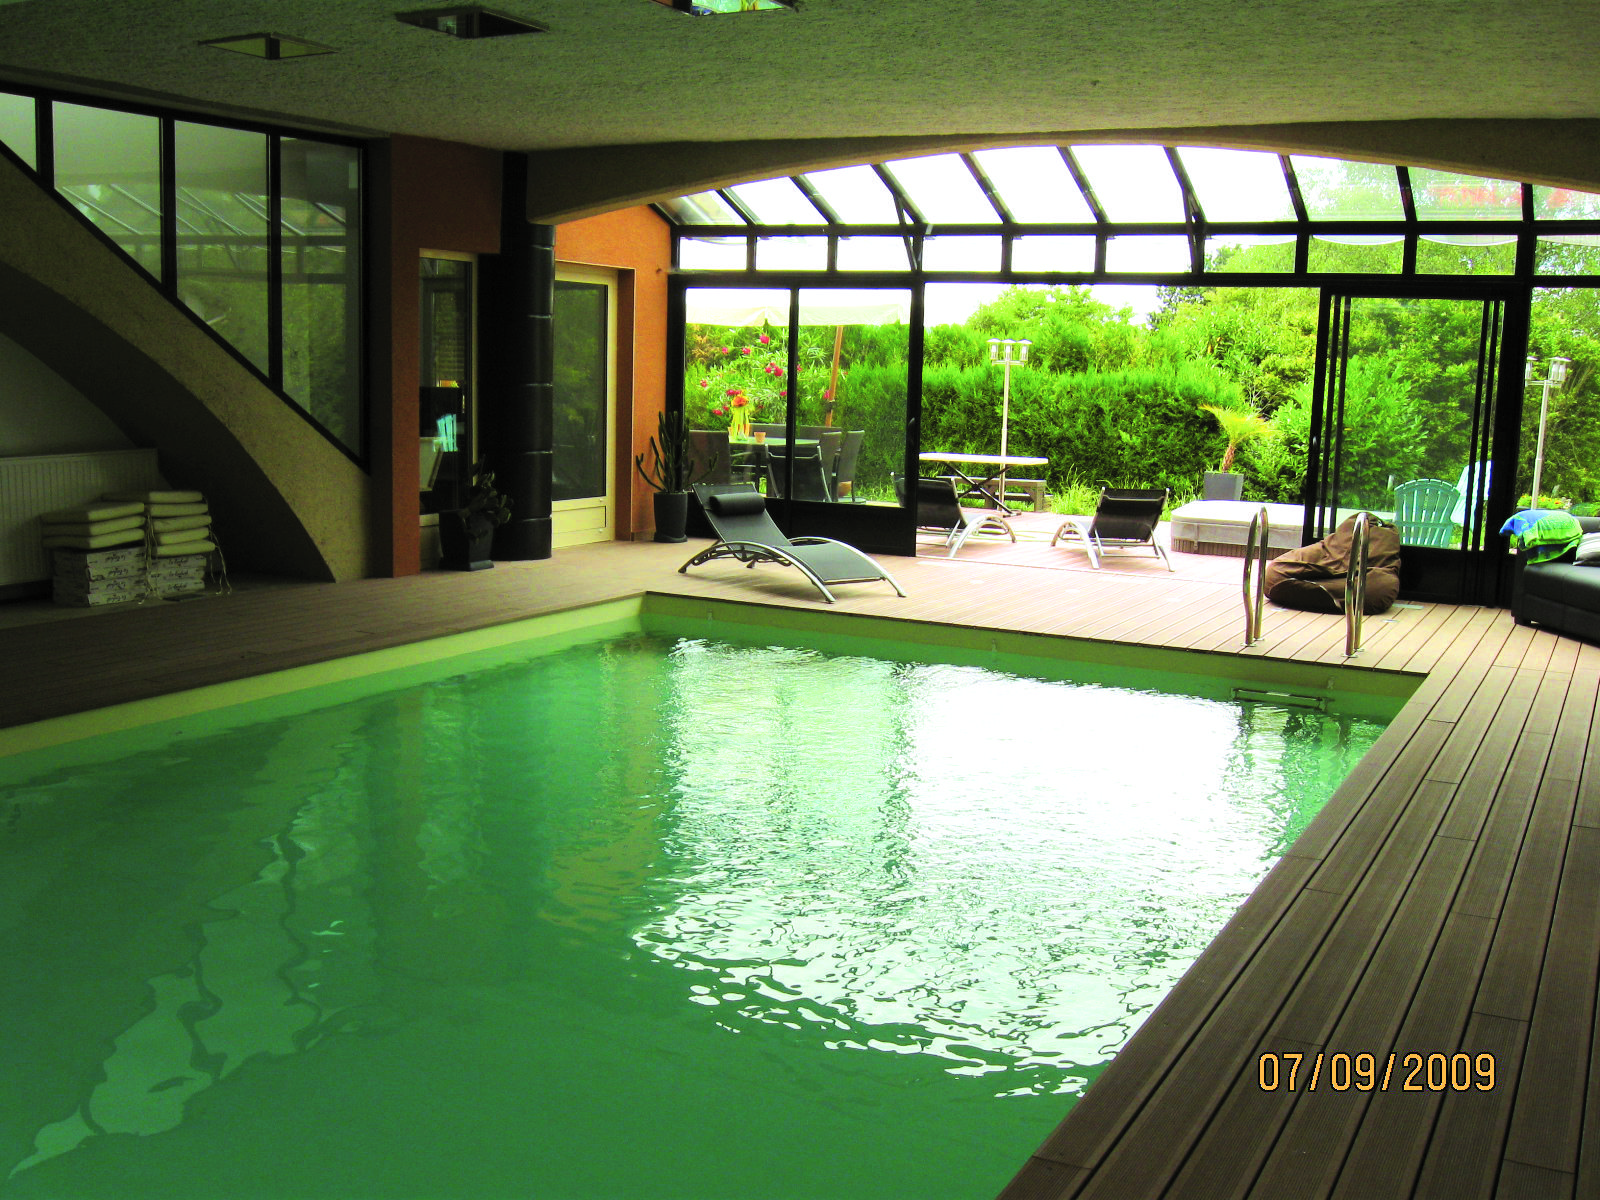 Piscine intérieure - construction #piscine - idée détente   Cour ...